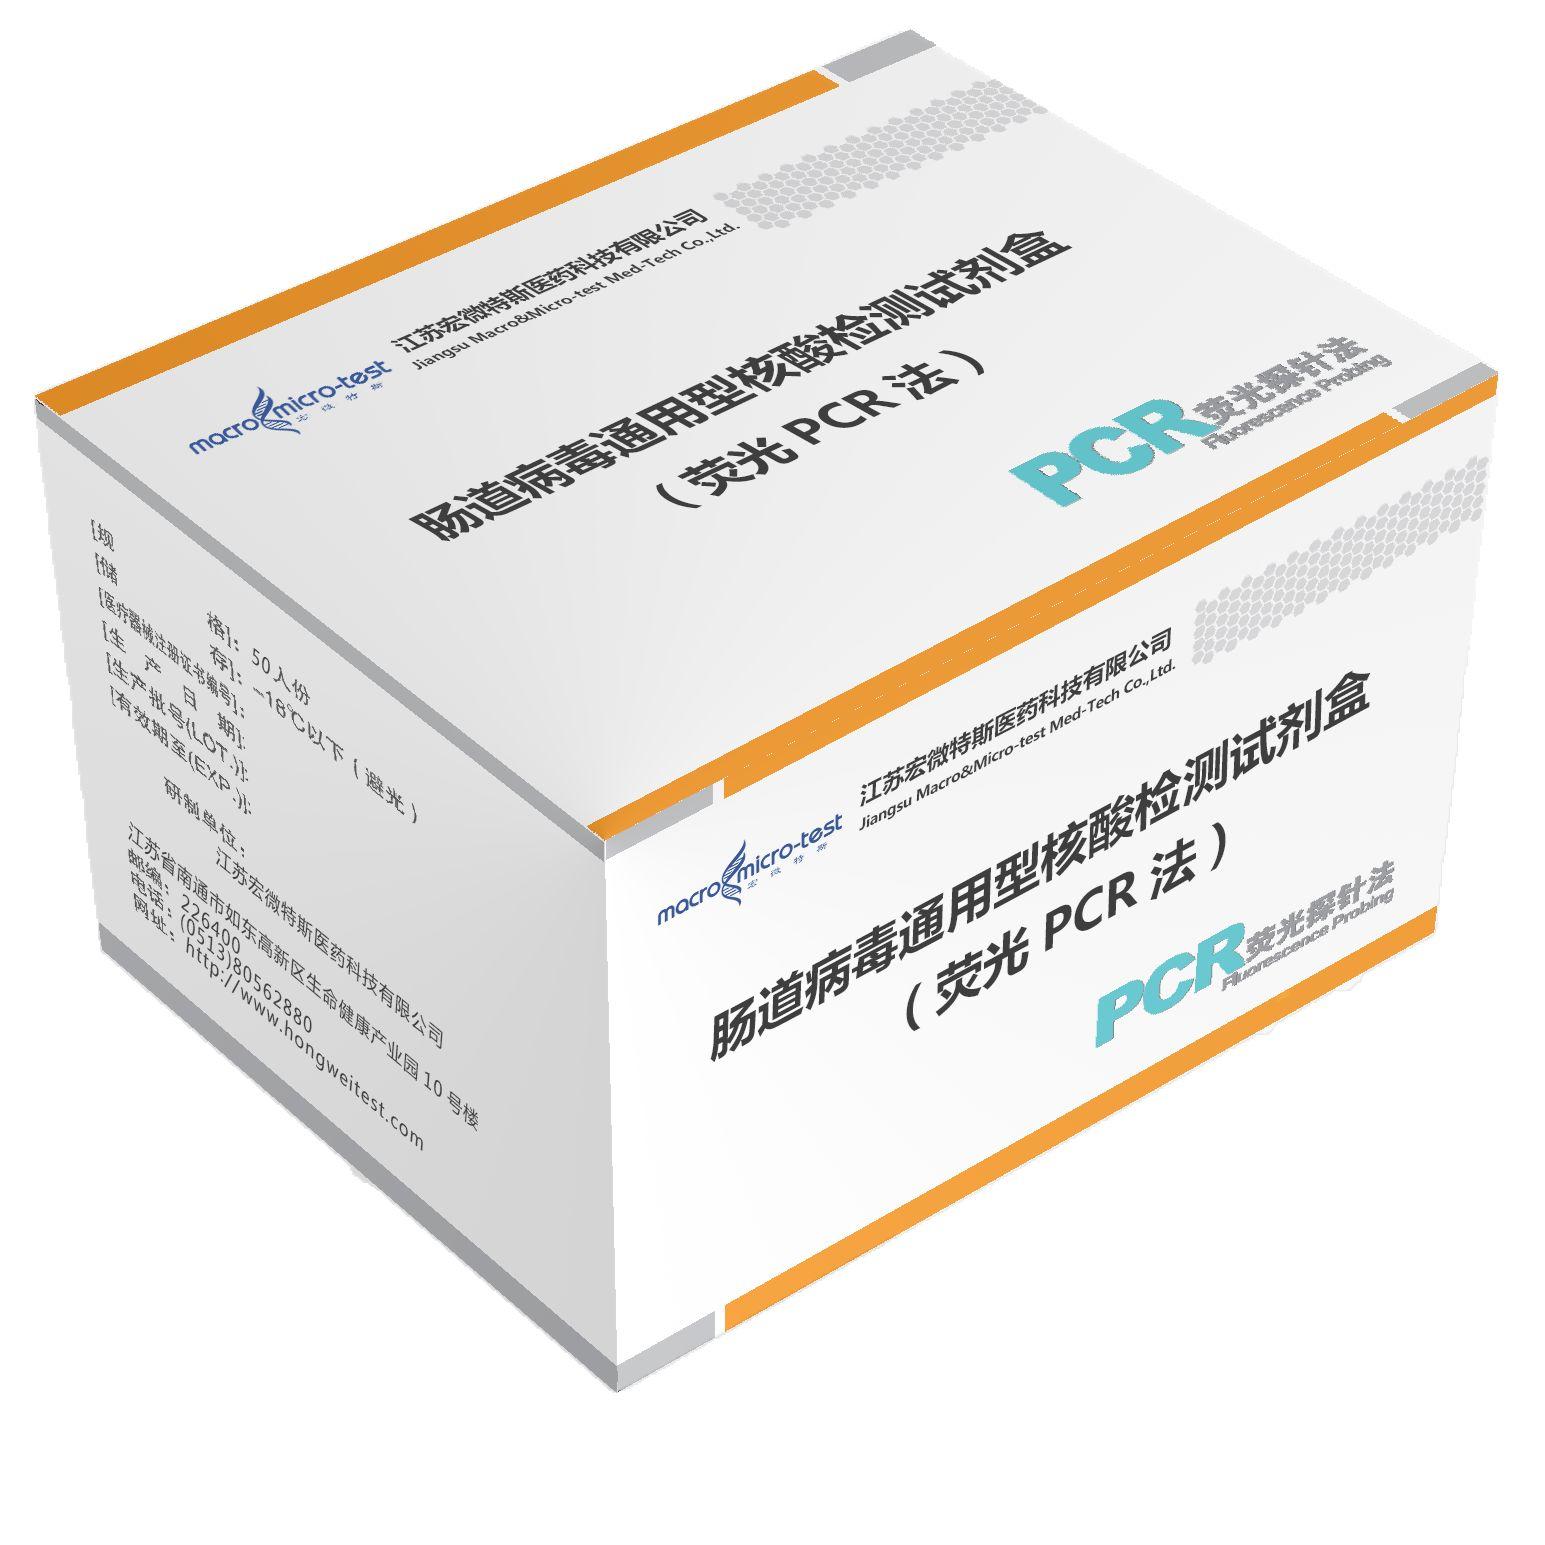 手足口三项核酸检测试剂盒(荧光PCR法)